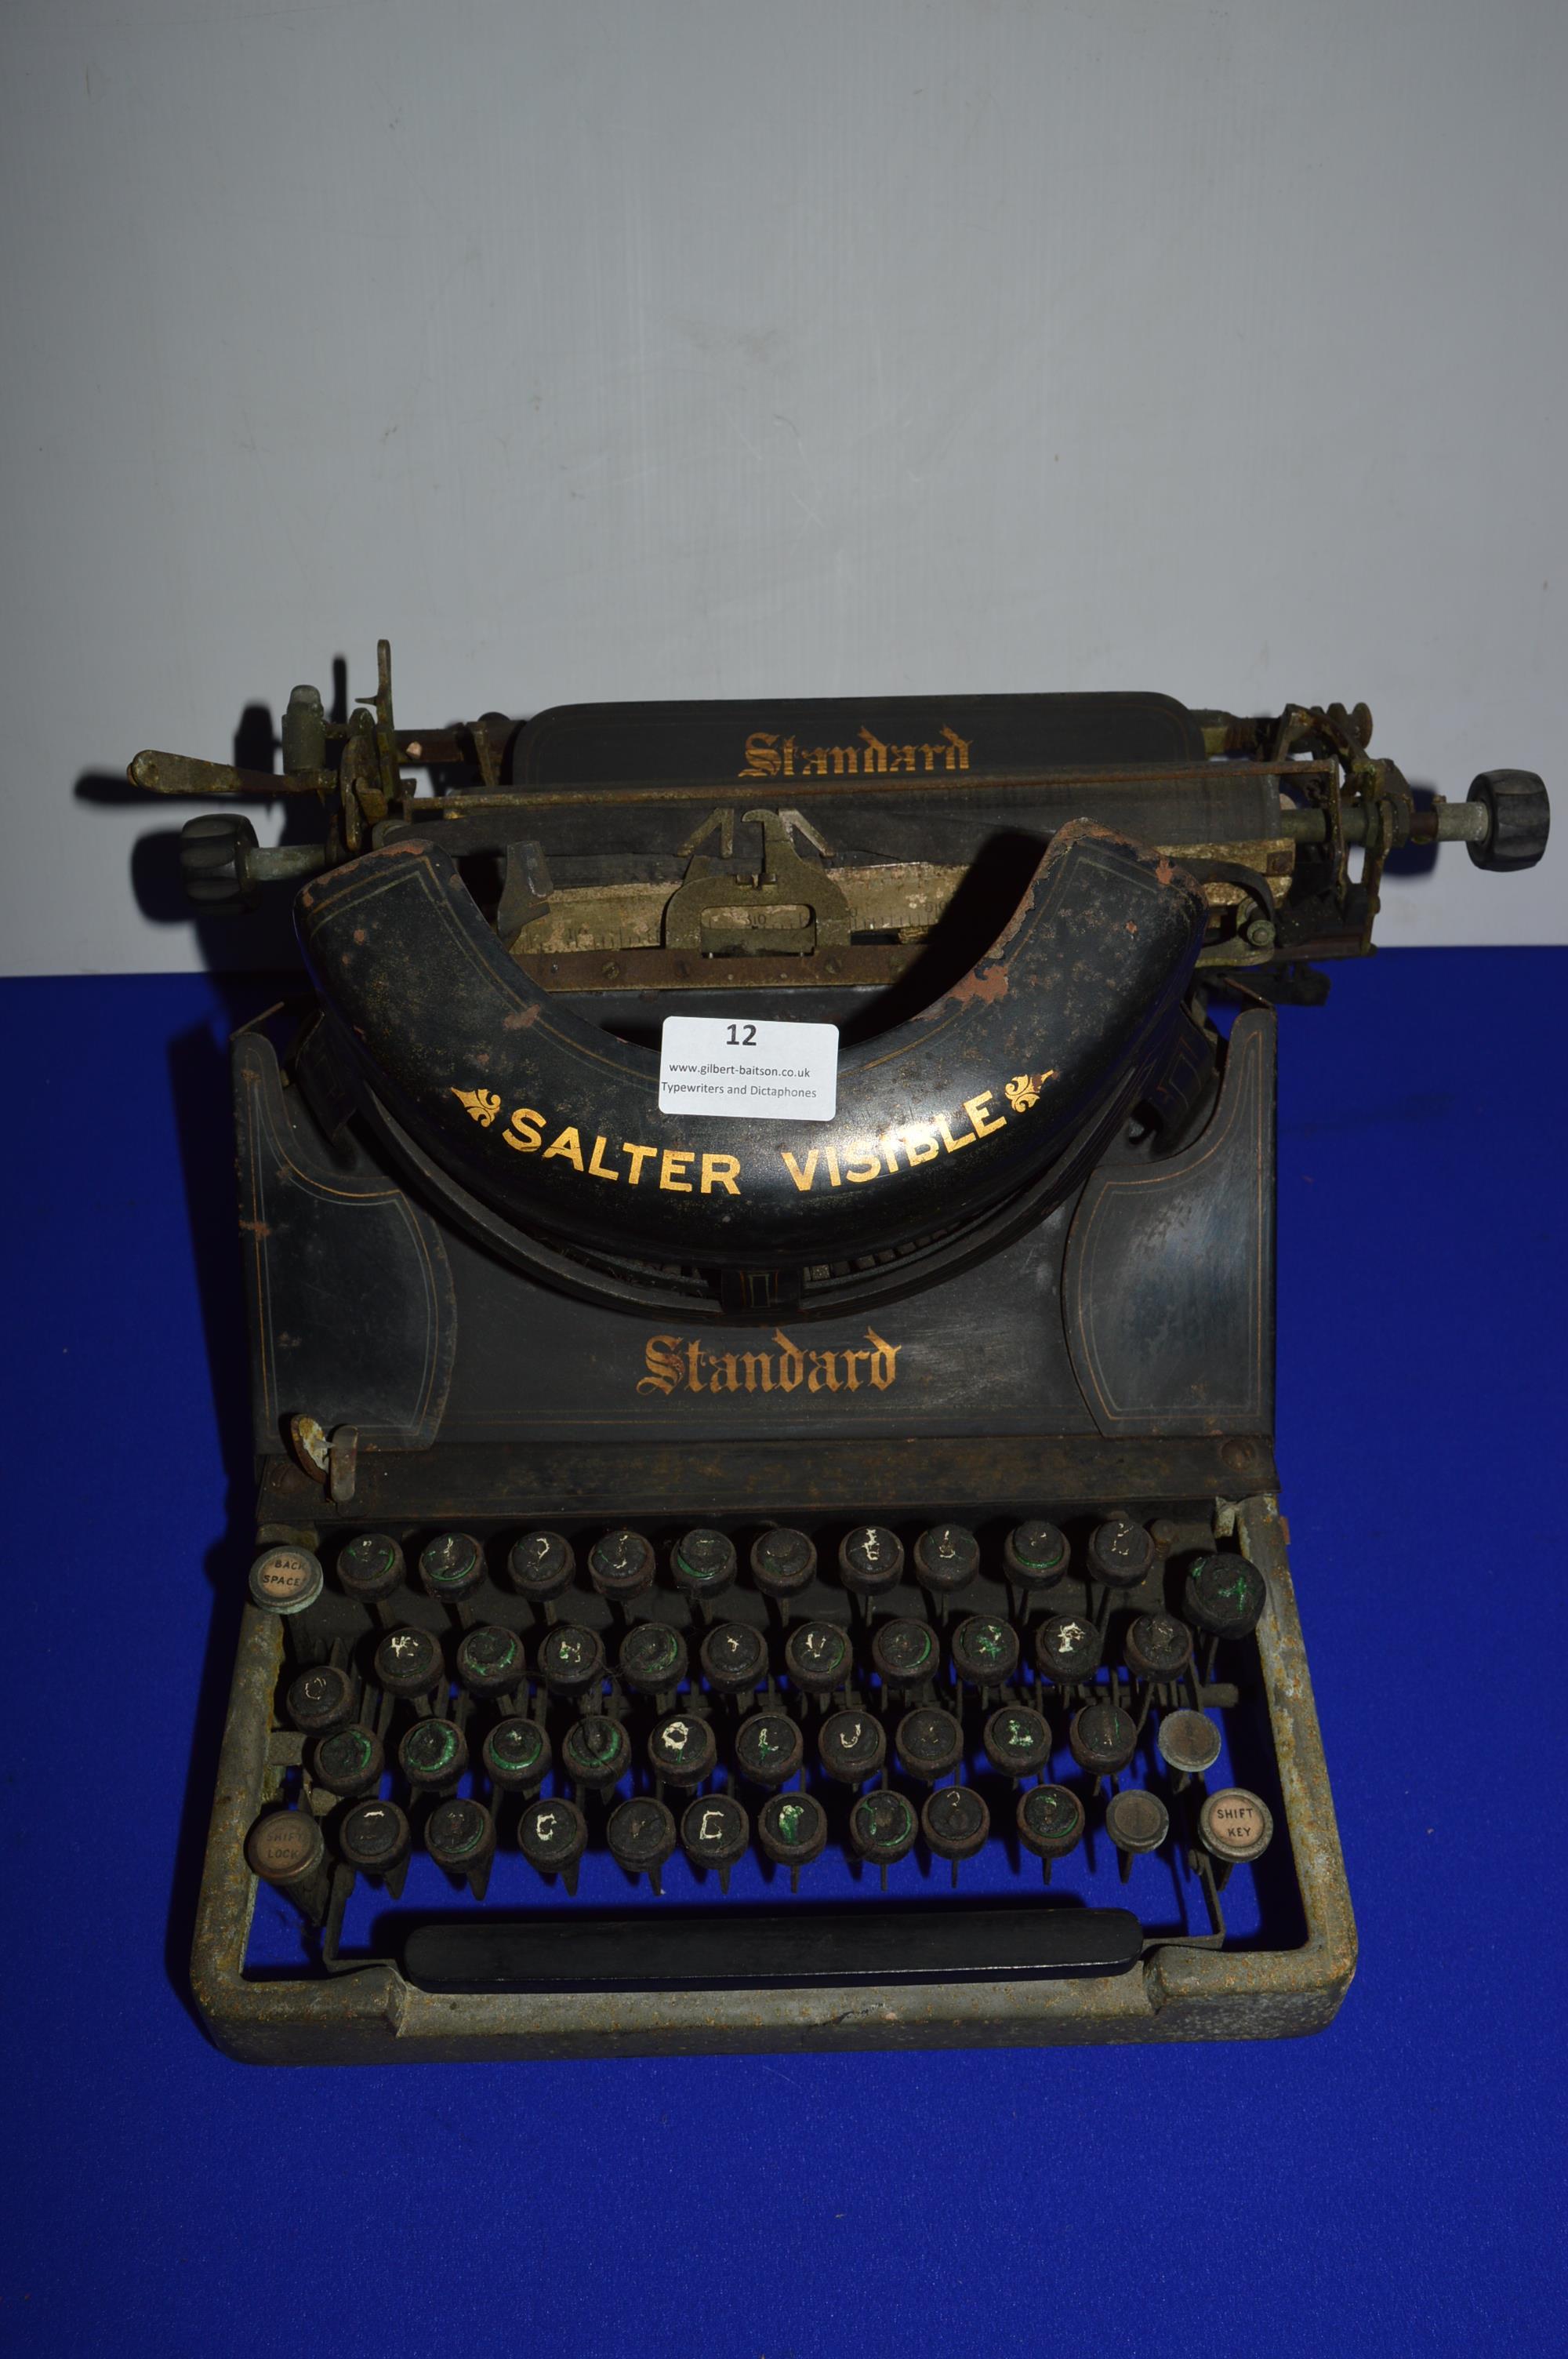 Salter Visible Standard Typewriter (some wear)